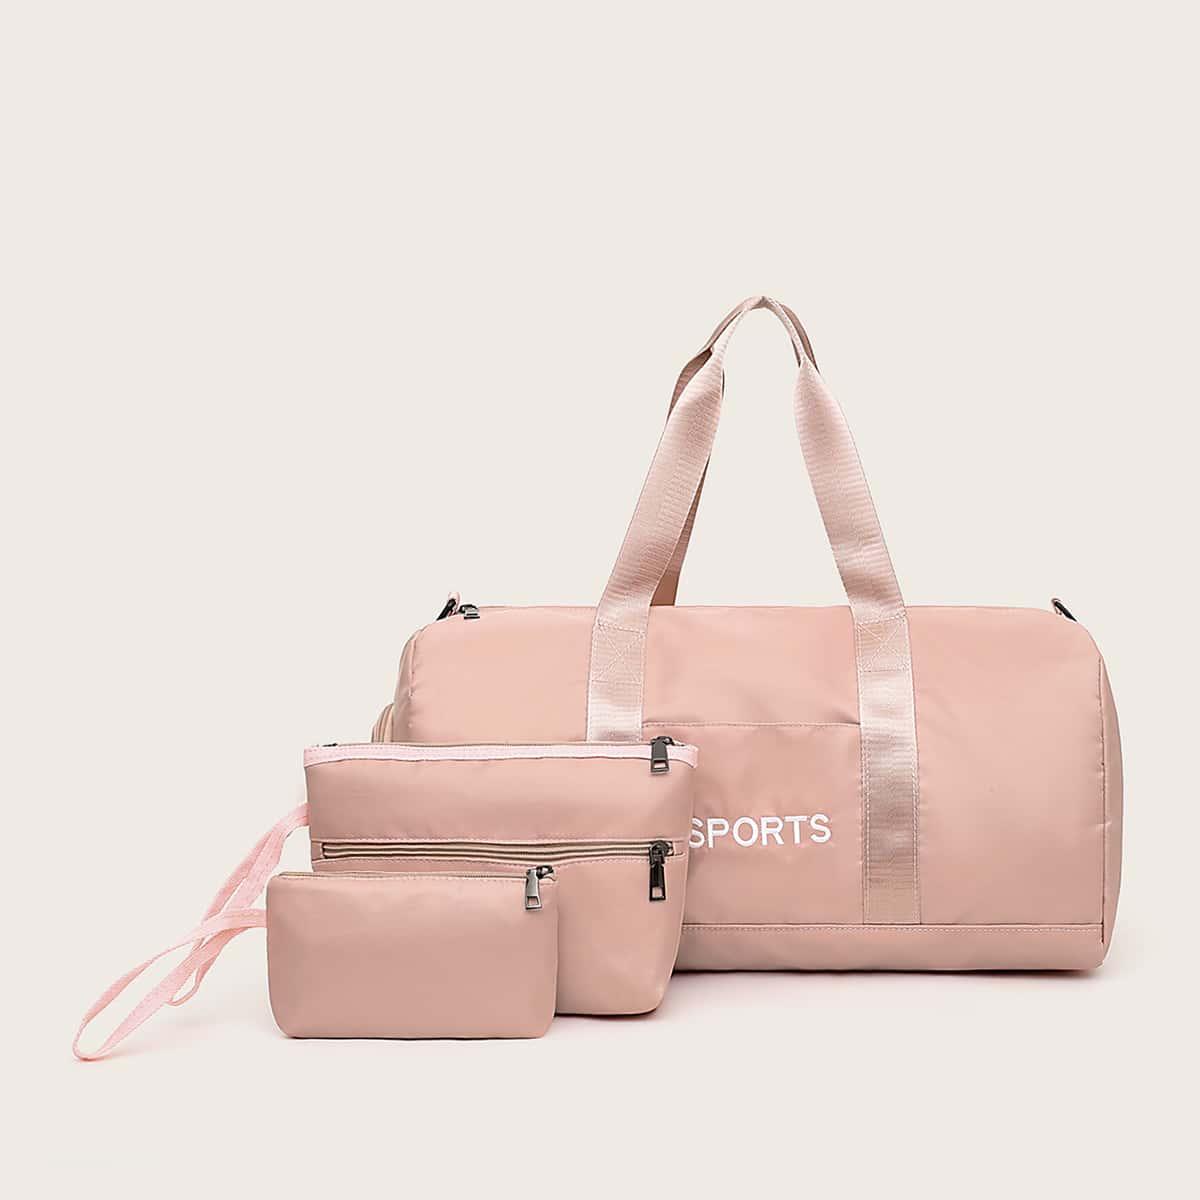 Сумка-клатч и сумка-дафл с текстовой вышивкой 3шт